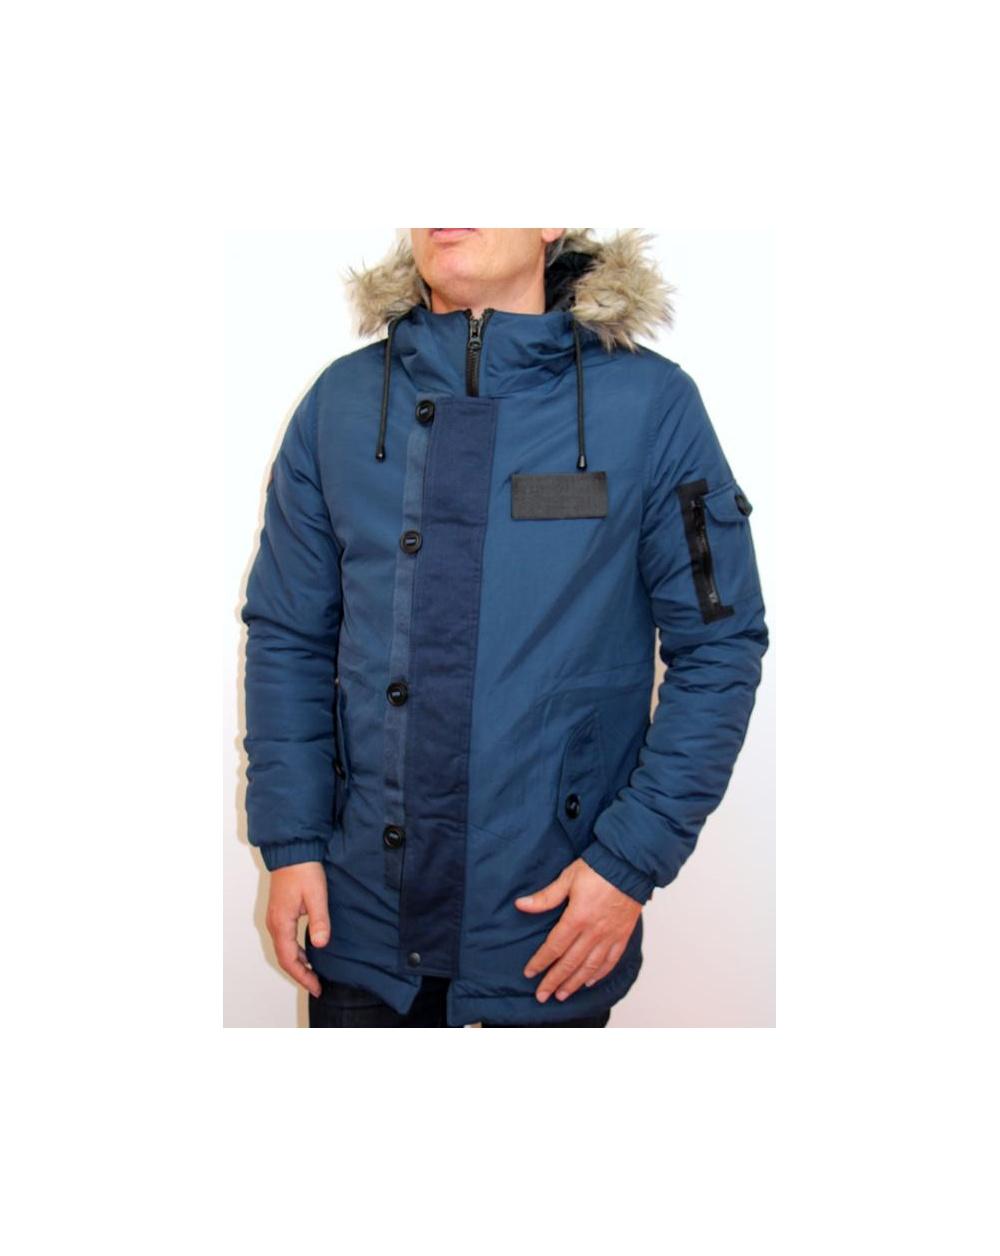 Bellfield navy parka jacket